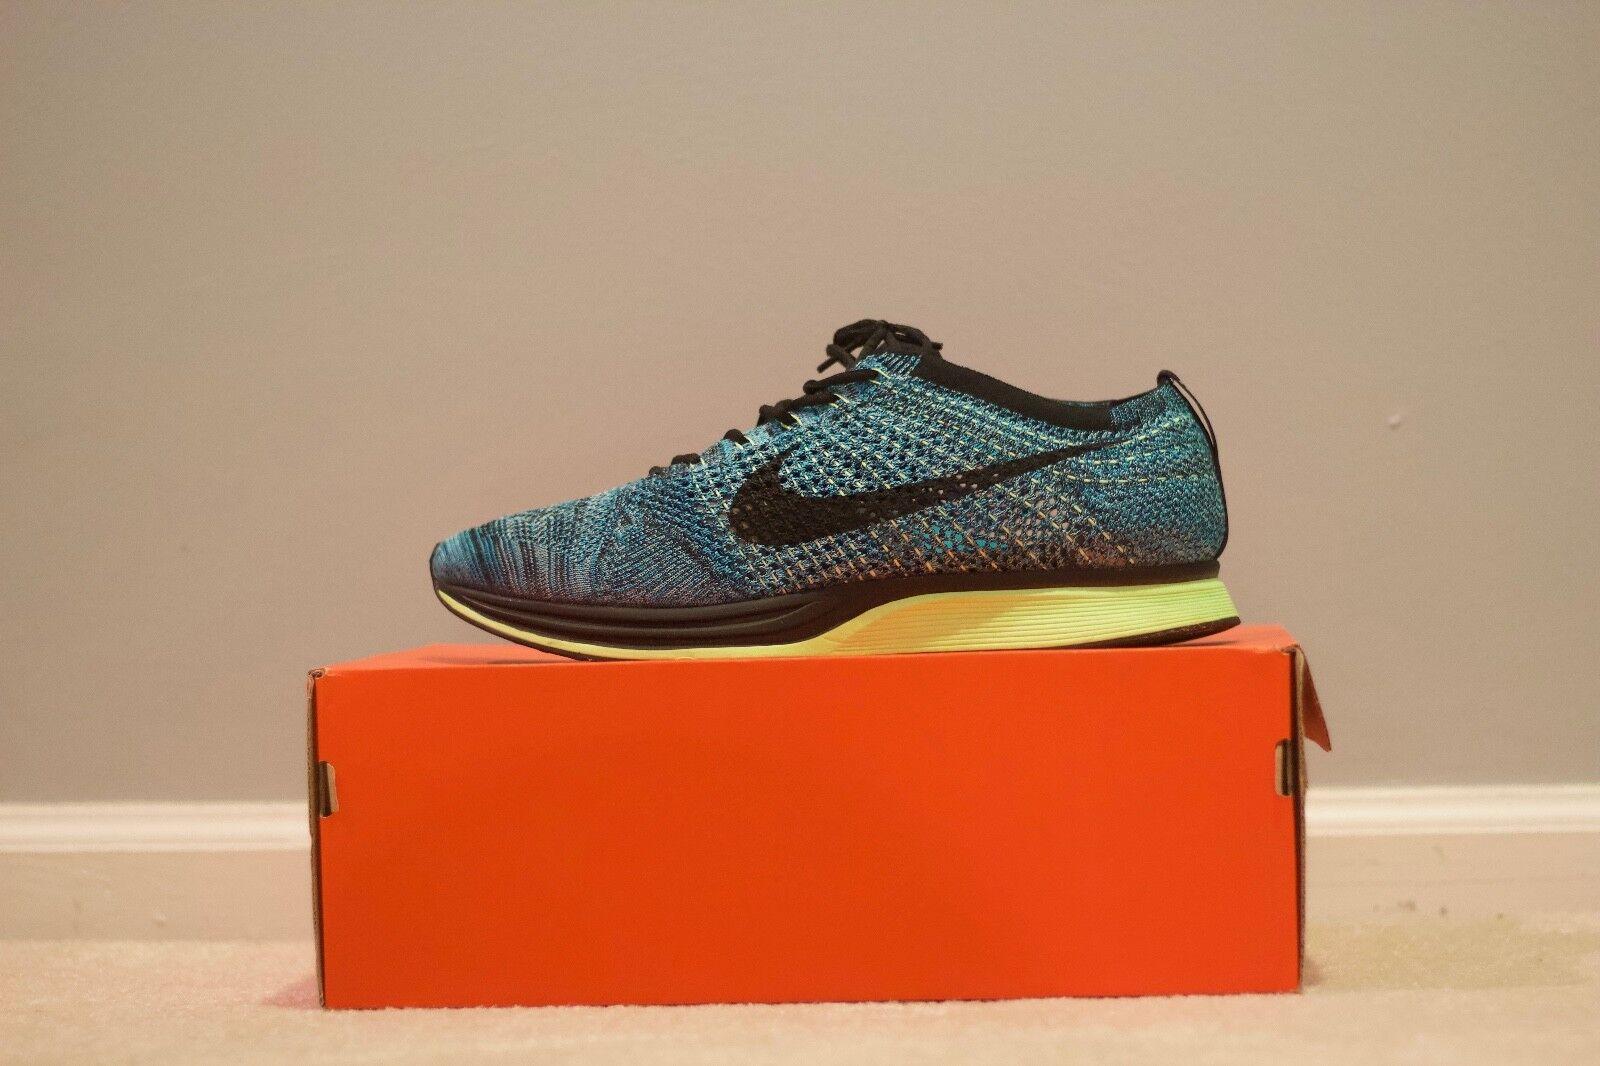 Nike Flyknit Racer bluee Lagoon Black-Polarized bluee 526628-401 Gecko Size 13